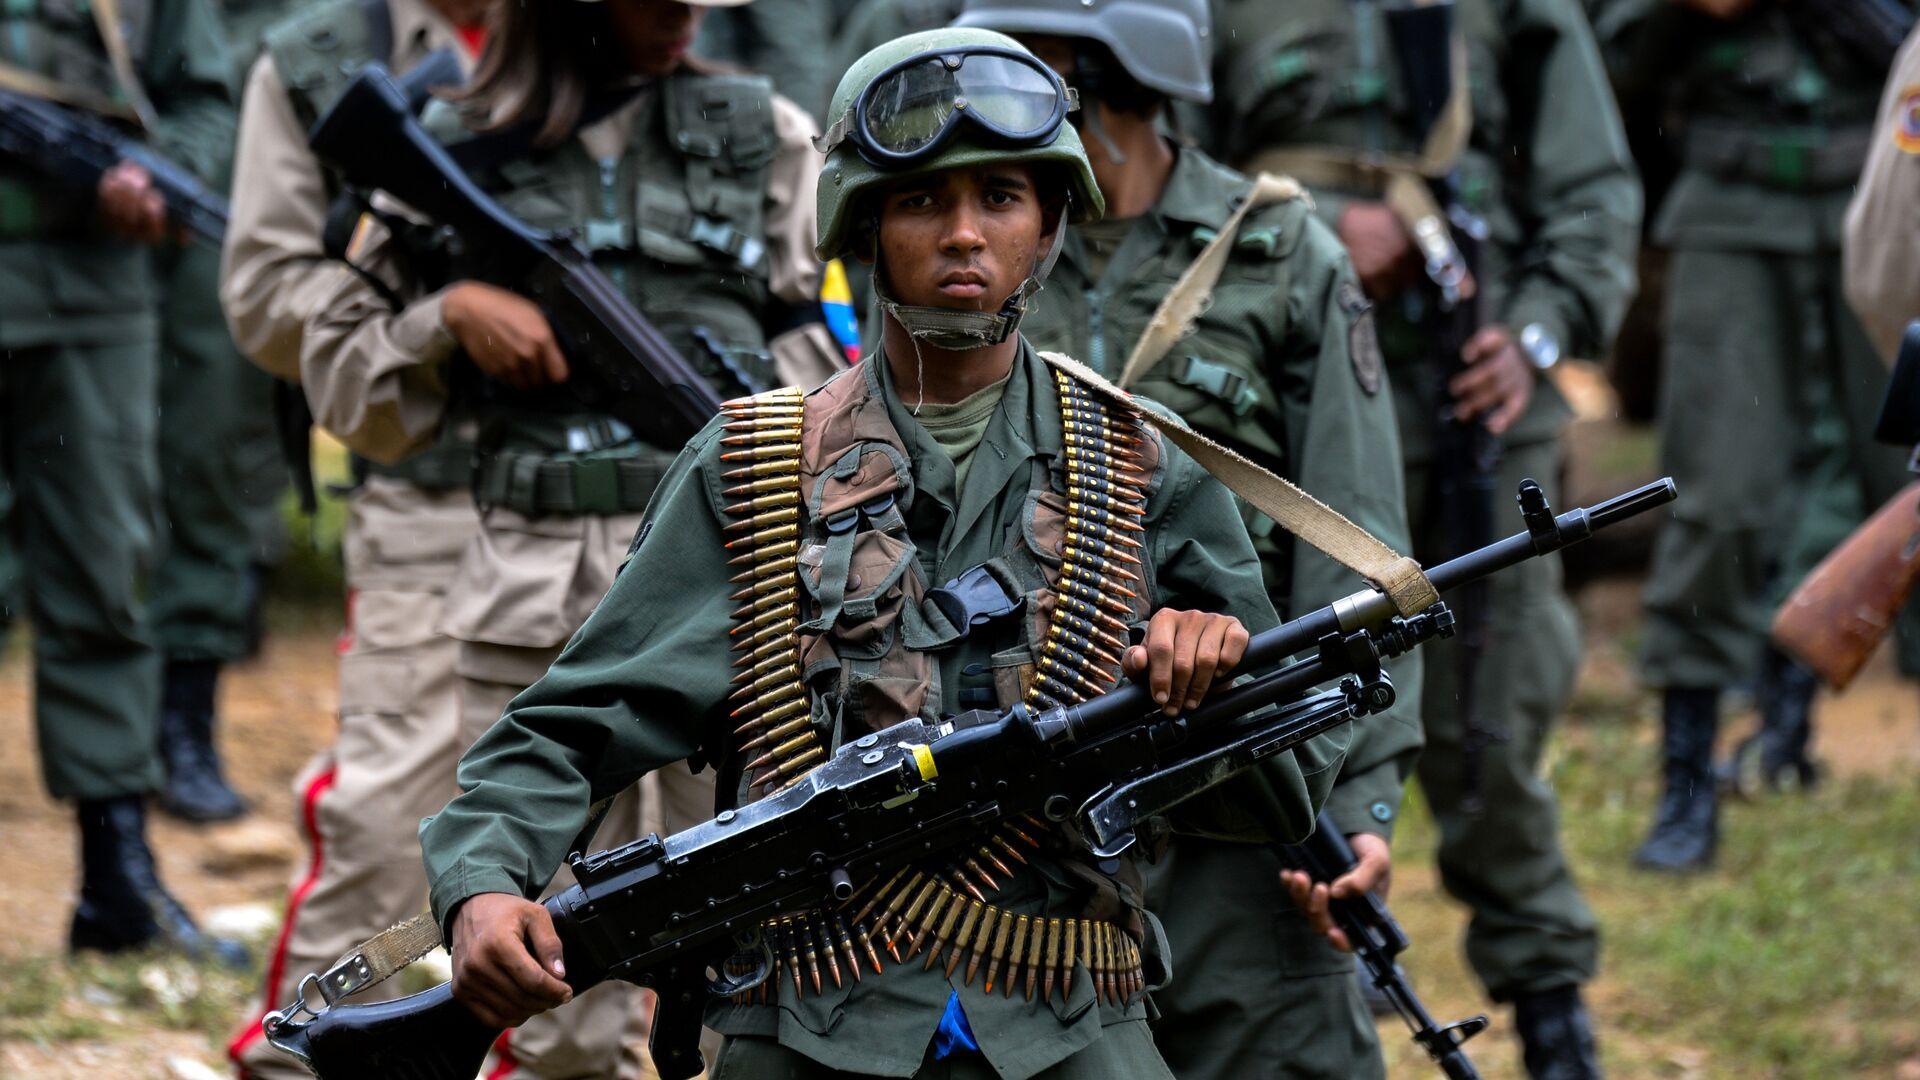 Un soldado venezolano - Sputnik Mundo, 1920, 01.10.2021